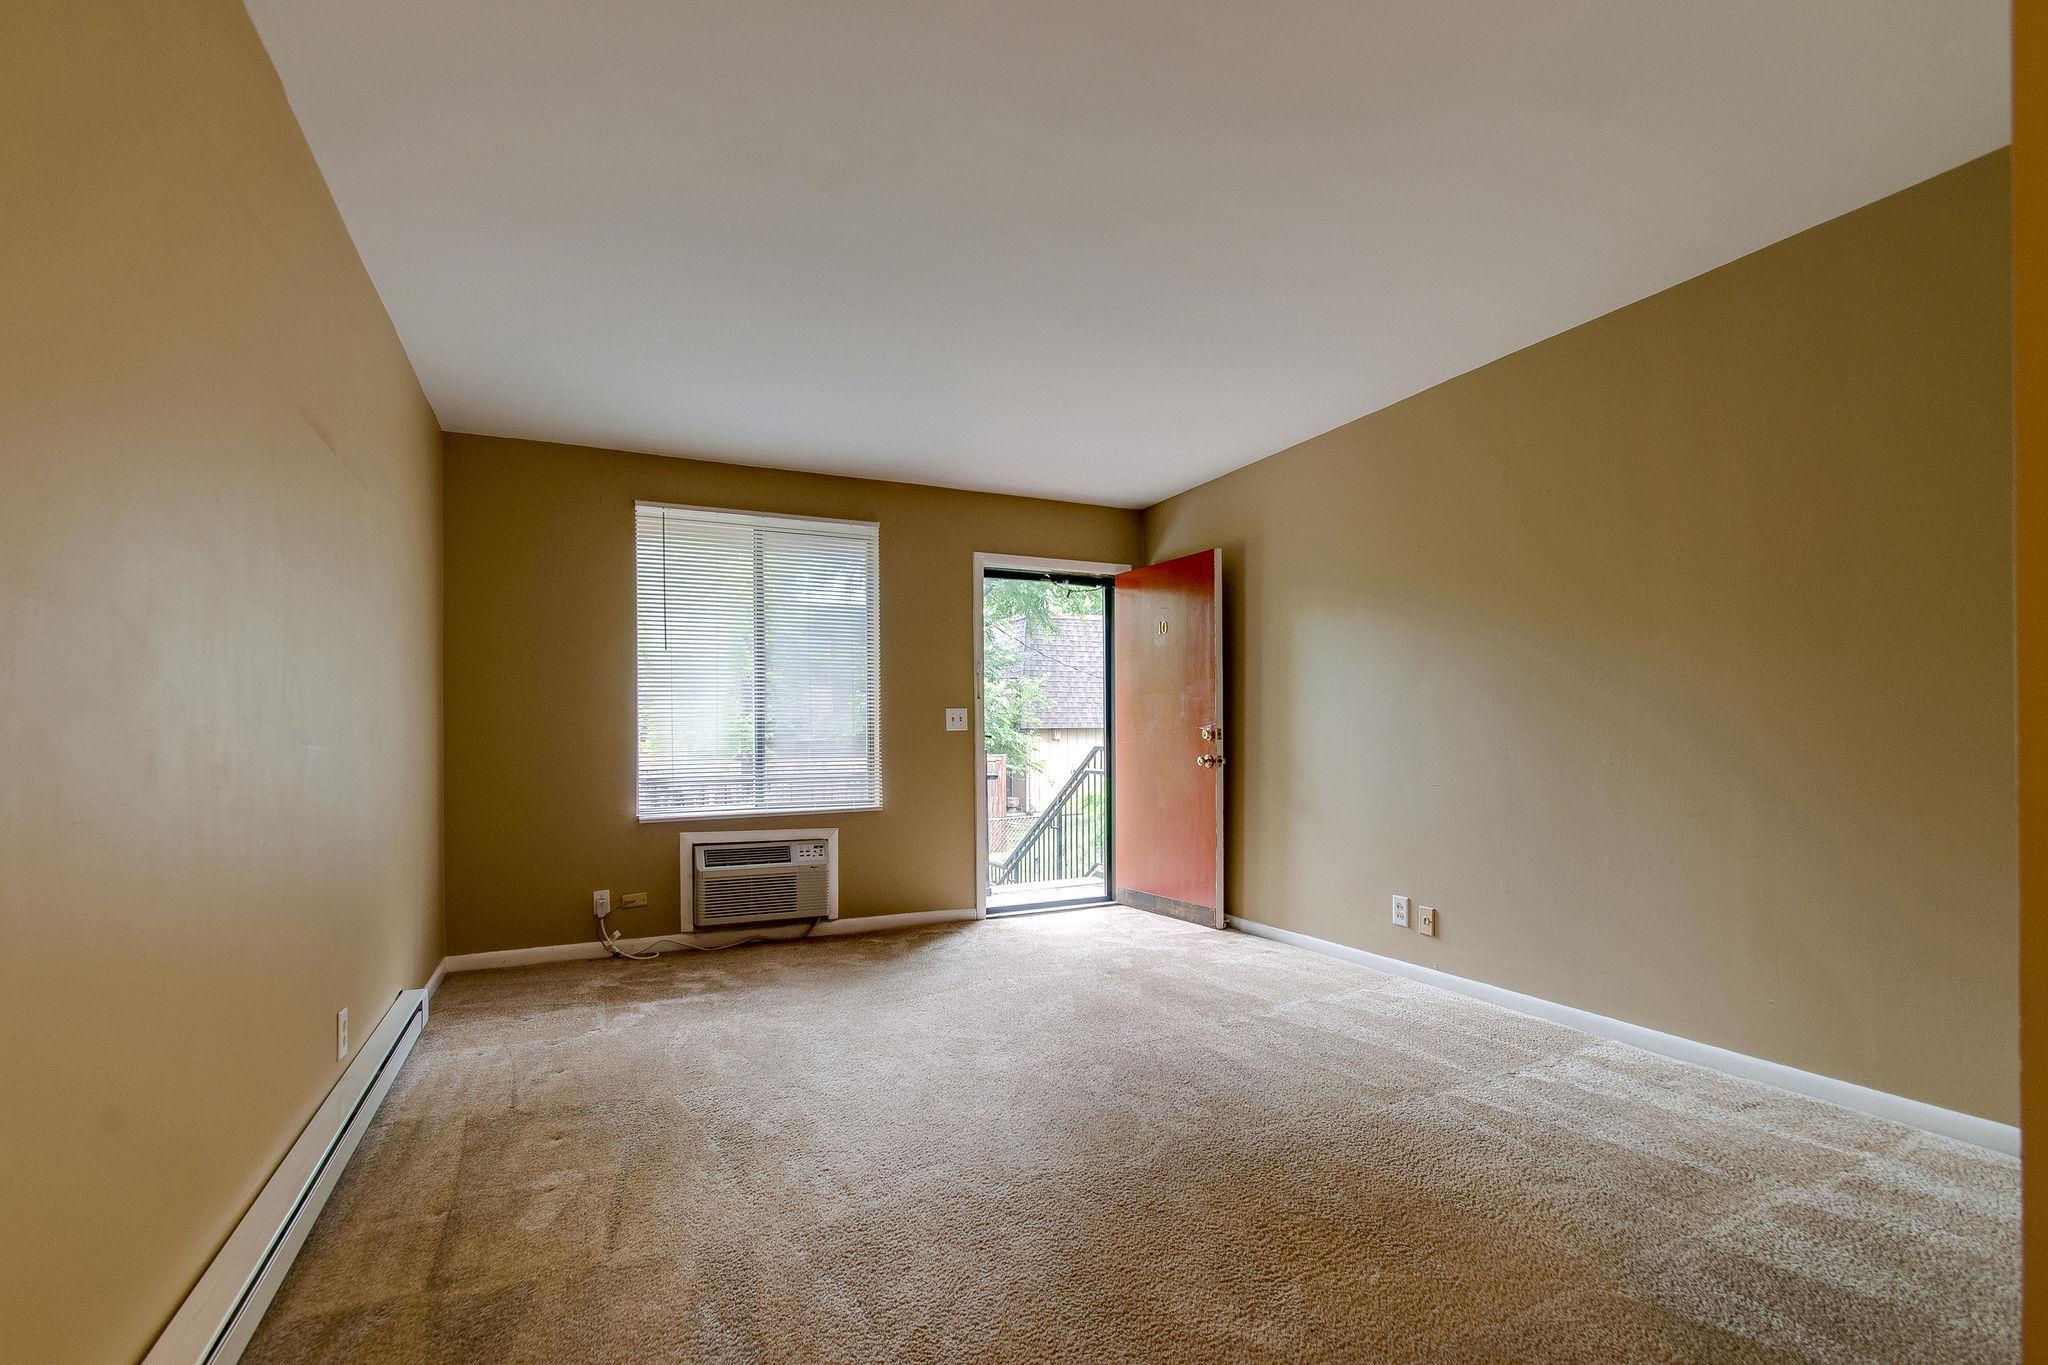 3600 Hillsboro Pike Apt H10, Nashville, TN 37215 - Nashville, TN real estate listing